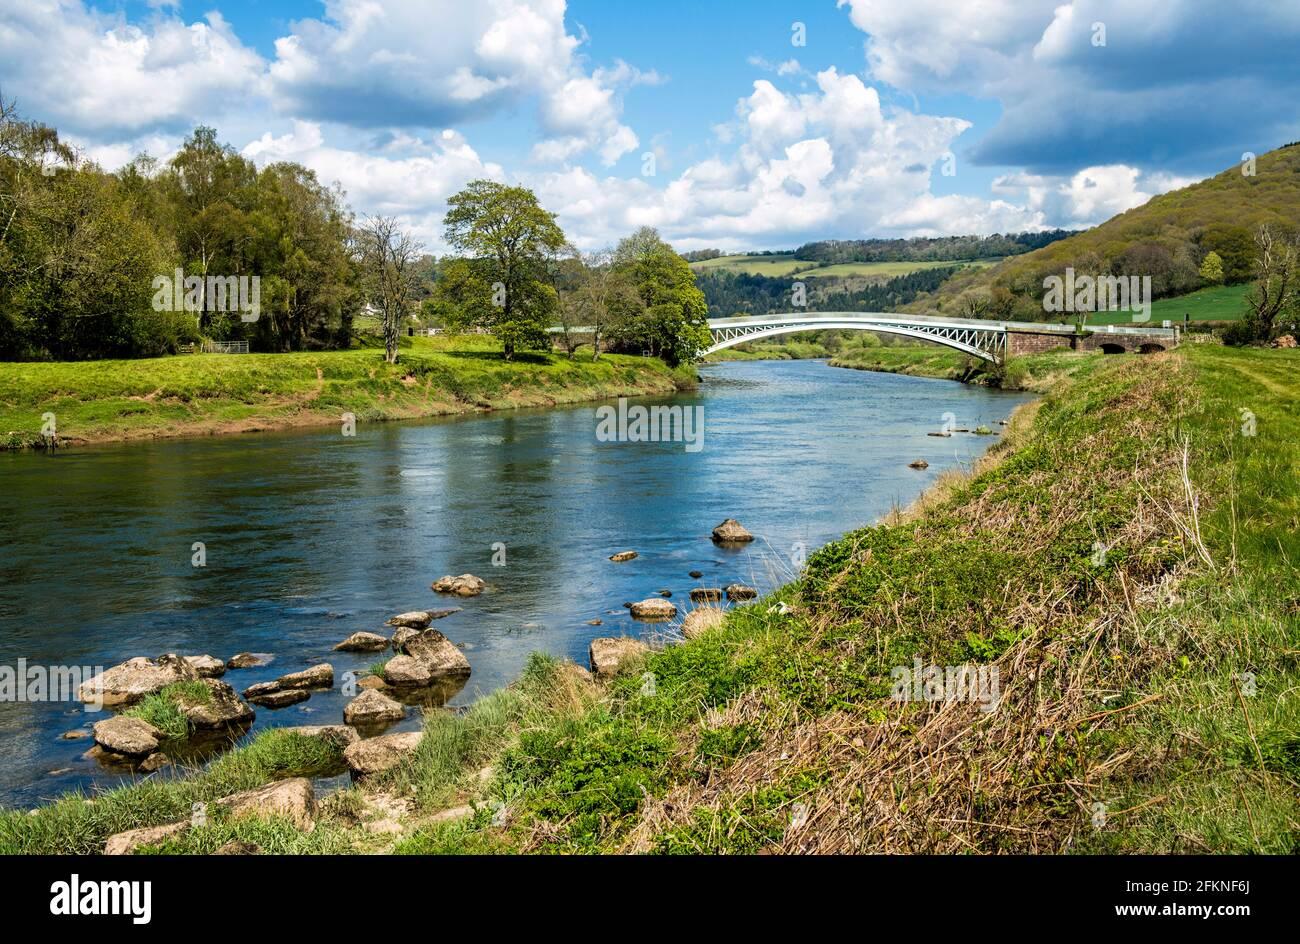 Puente Bigsweir cruzando el río Wye, donde el río es la frontera de Inglaterra con Gales. Un hermoso día de primavera en abril. Foto de stock